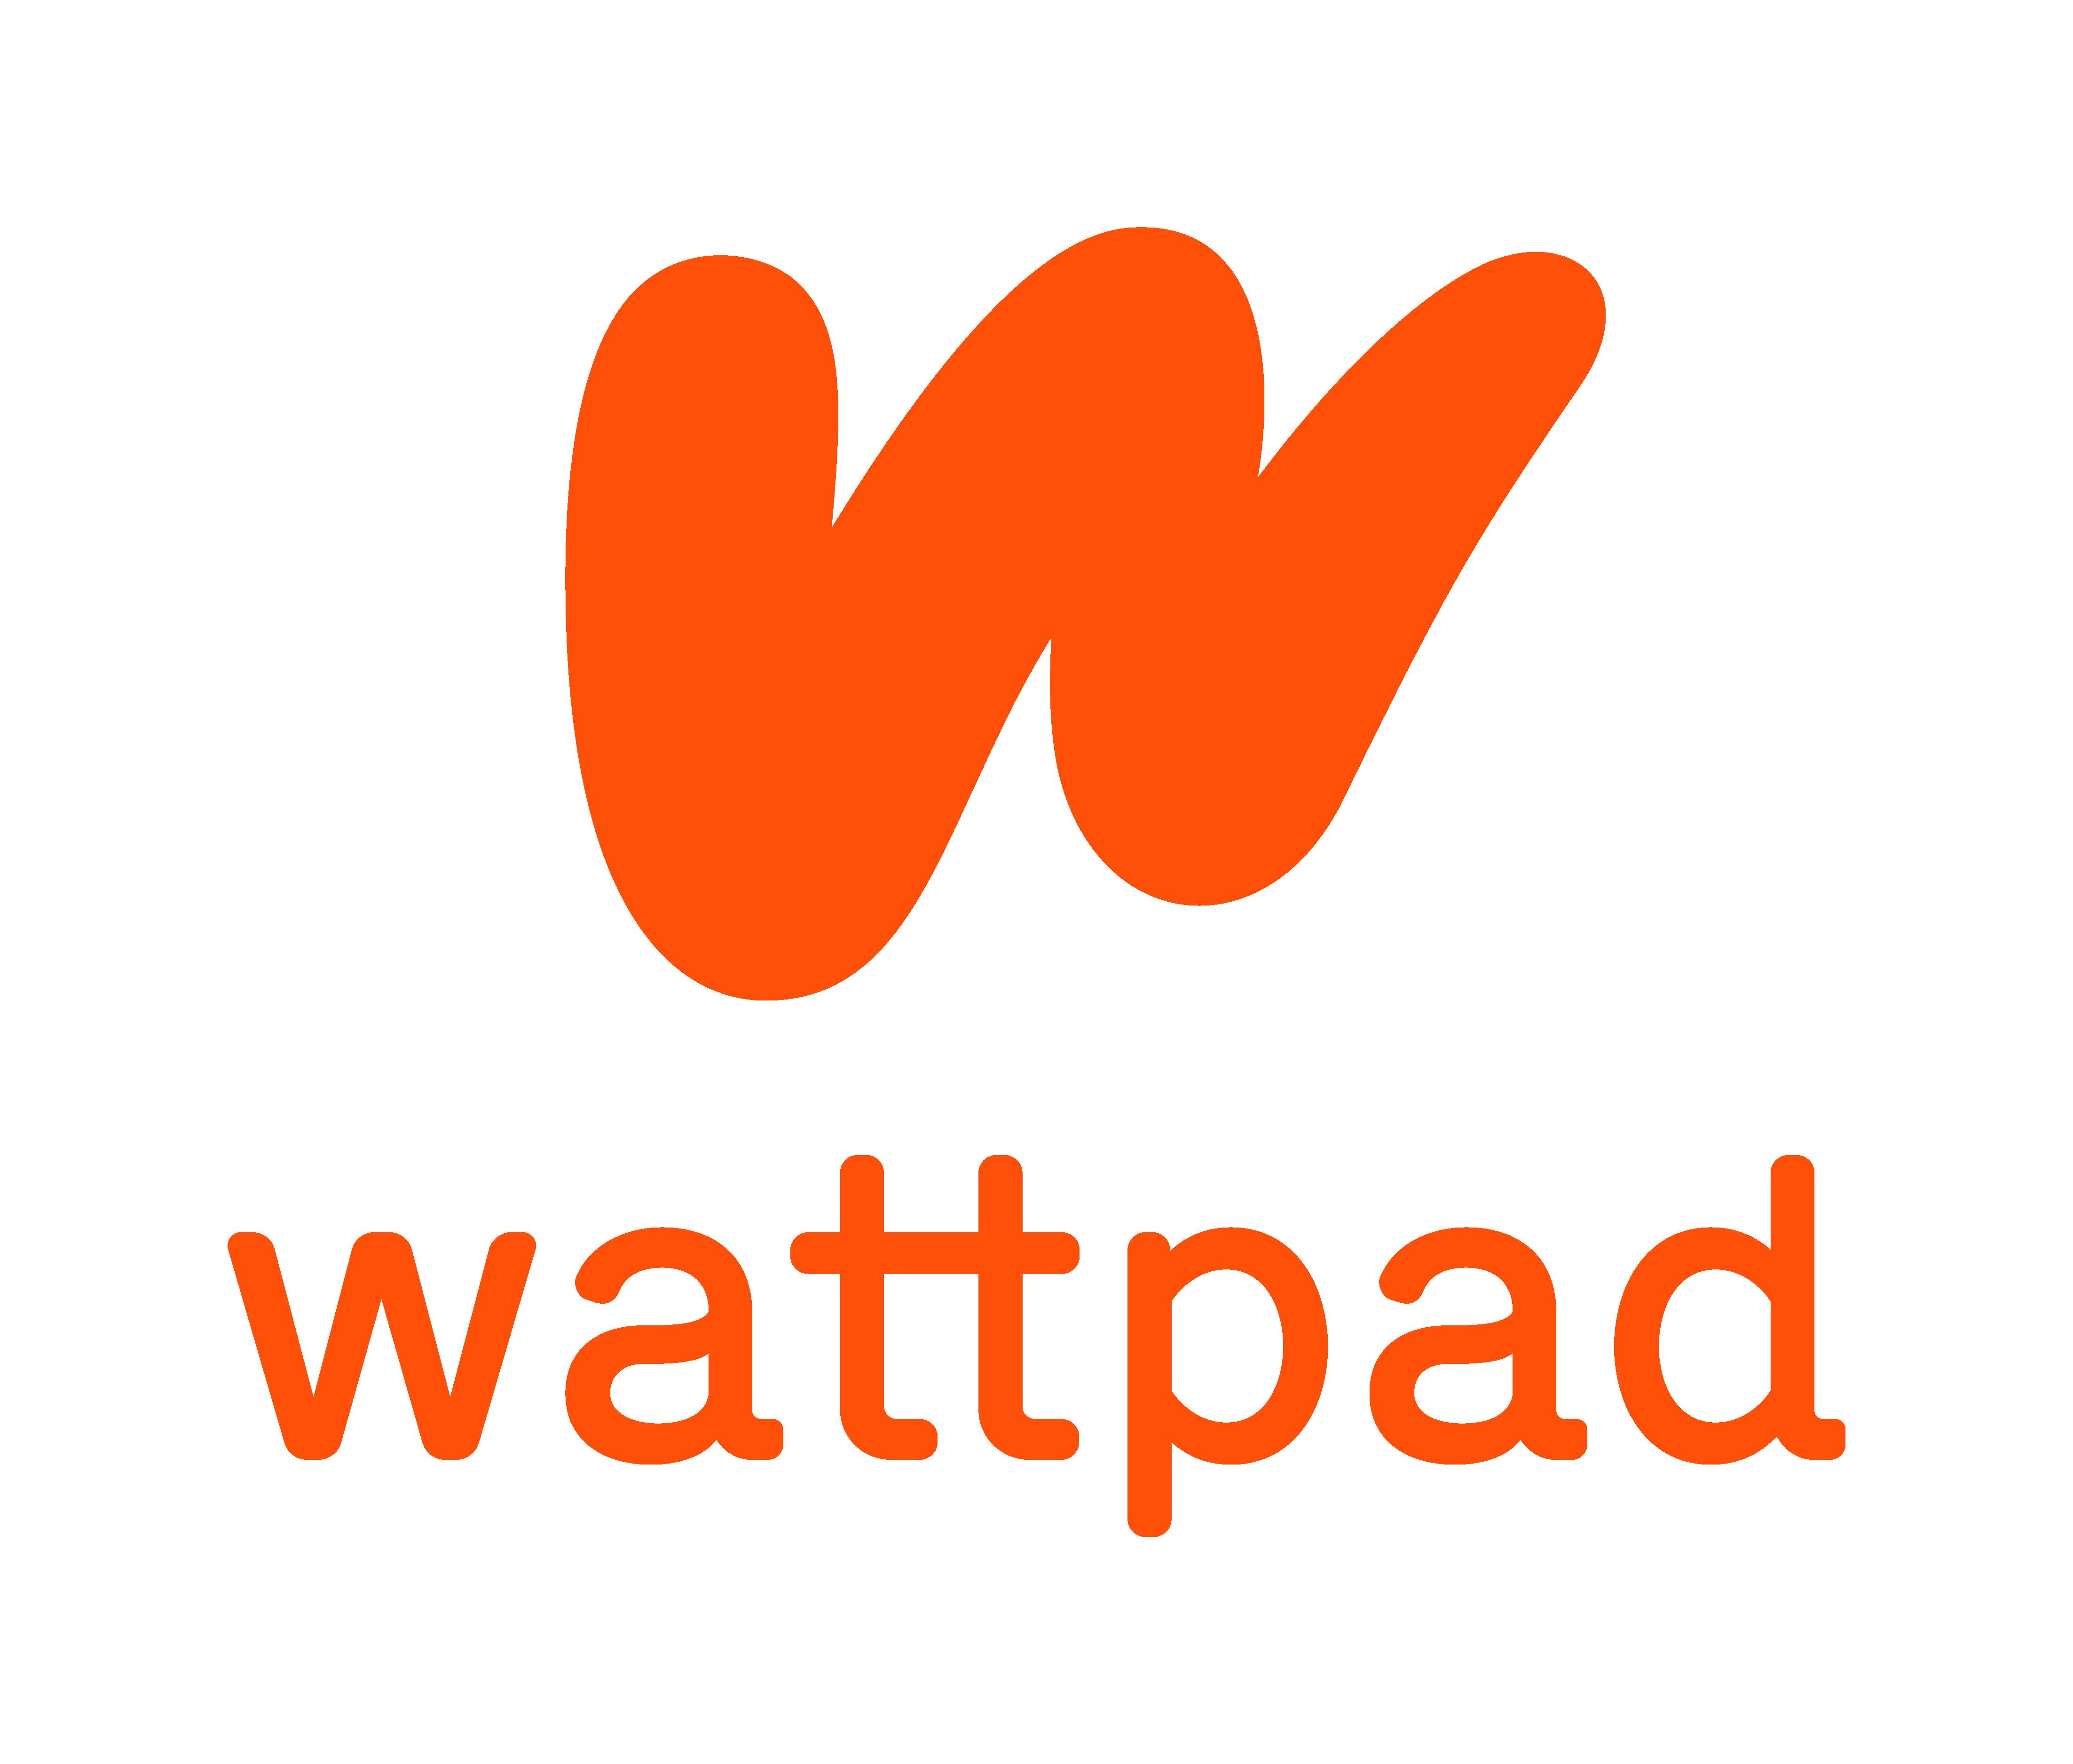 Wattpad's Logo